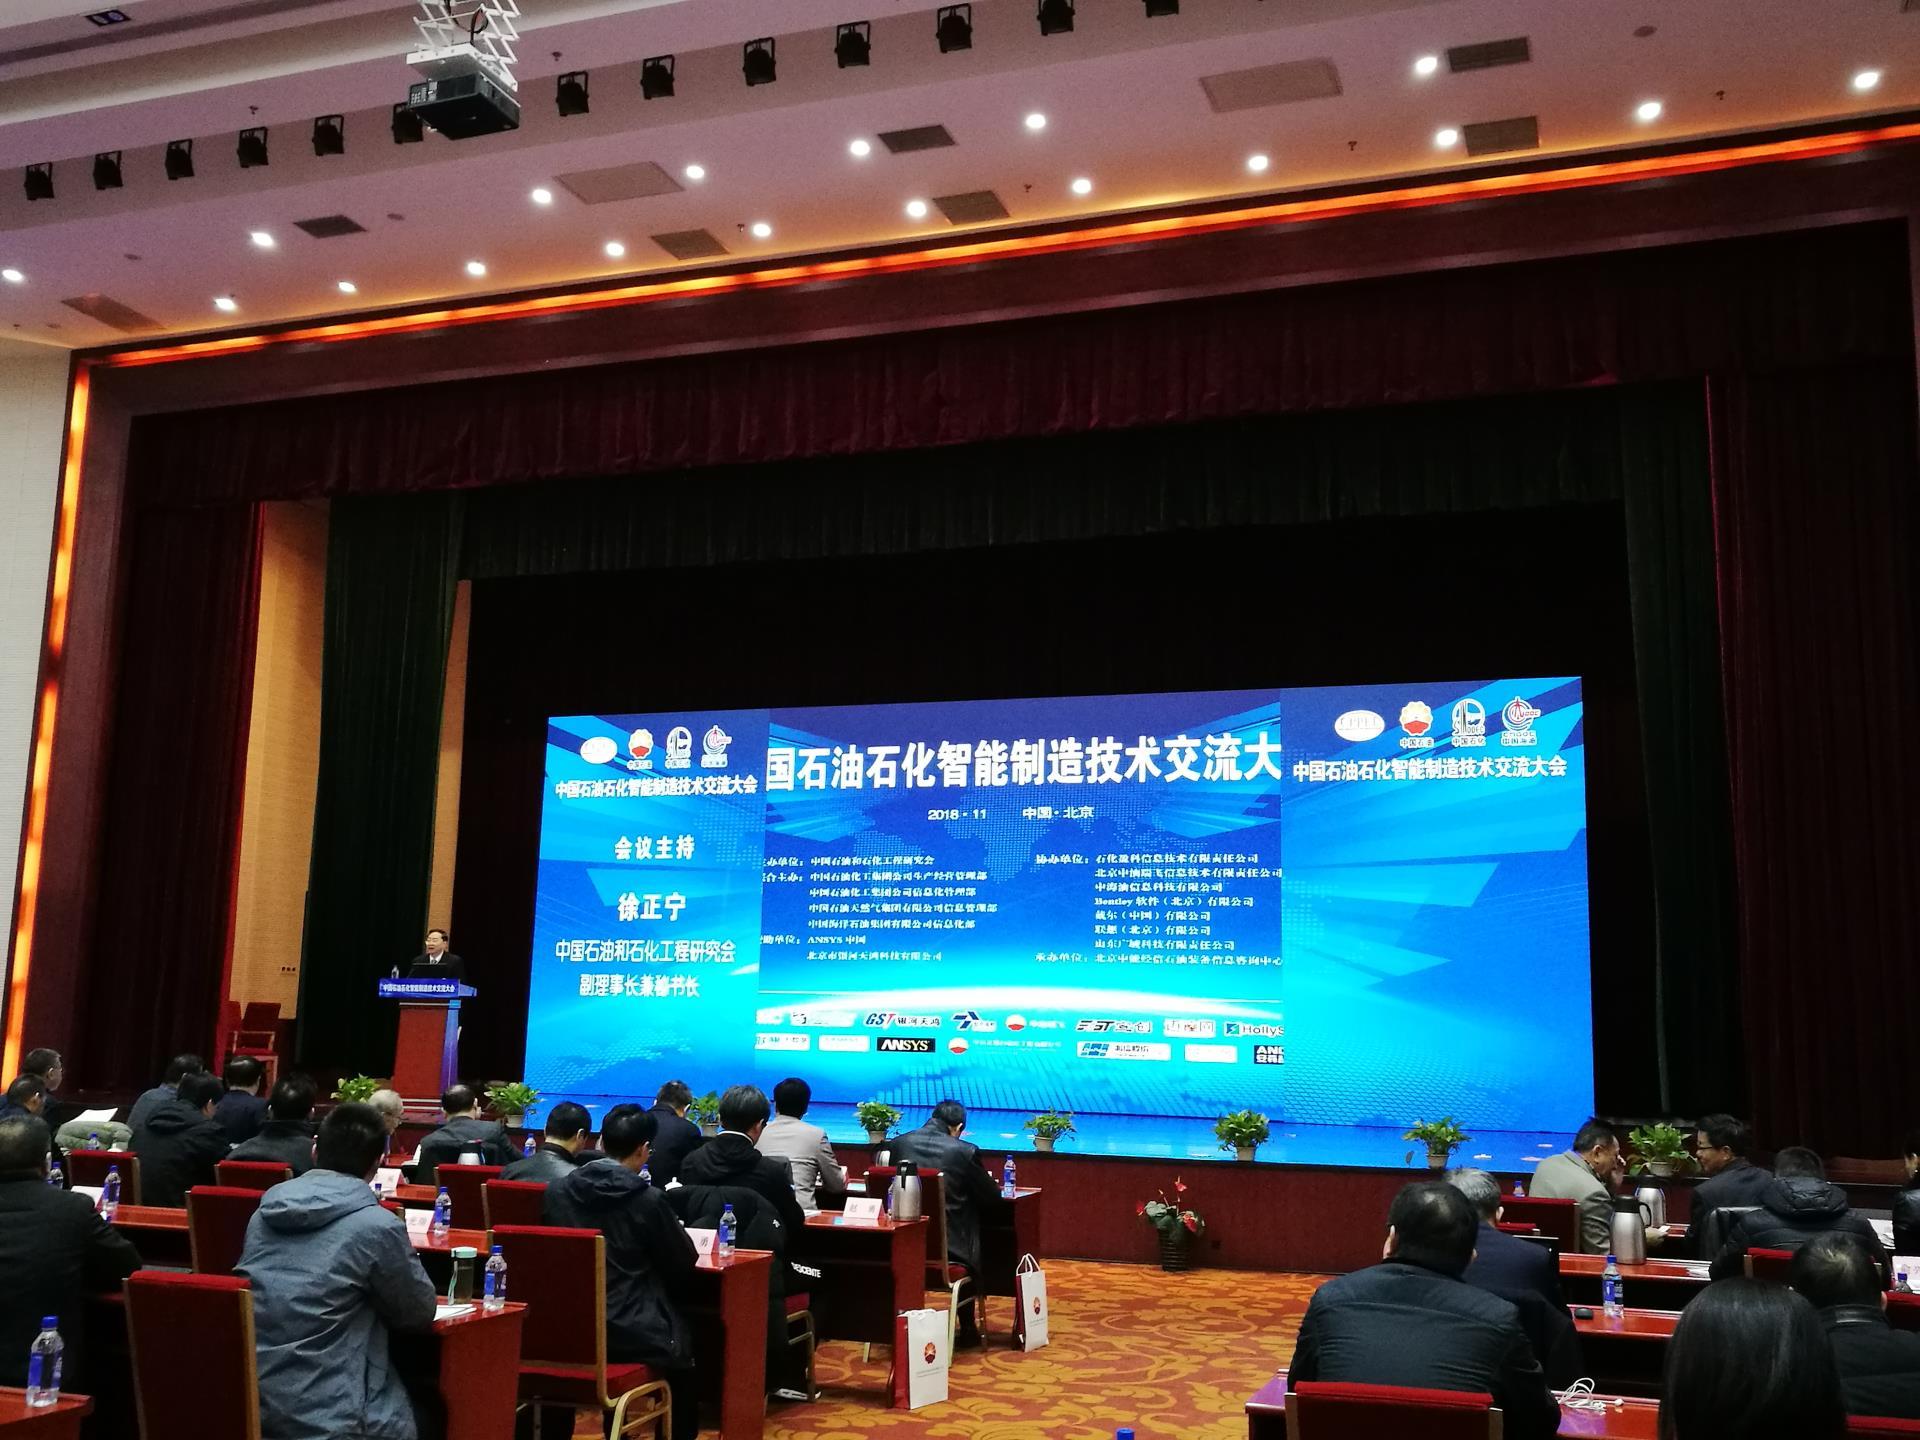 和利時應邀出席中國石油石化智能制造技術交流大會